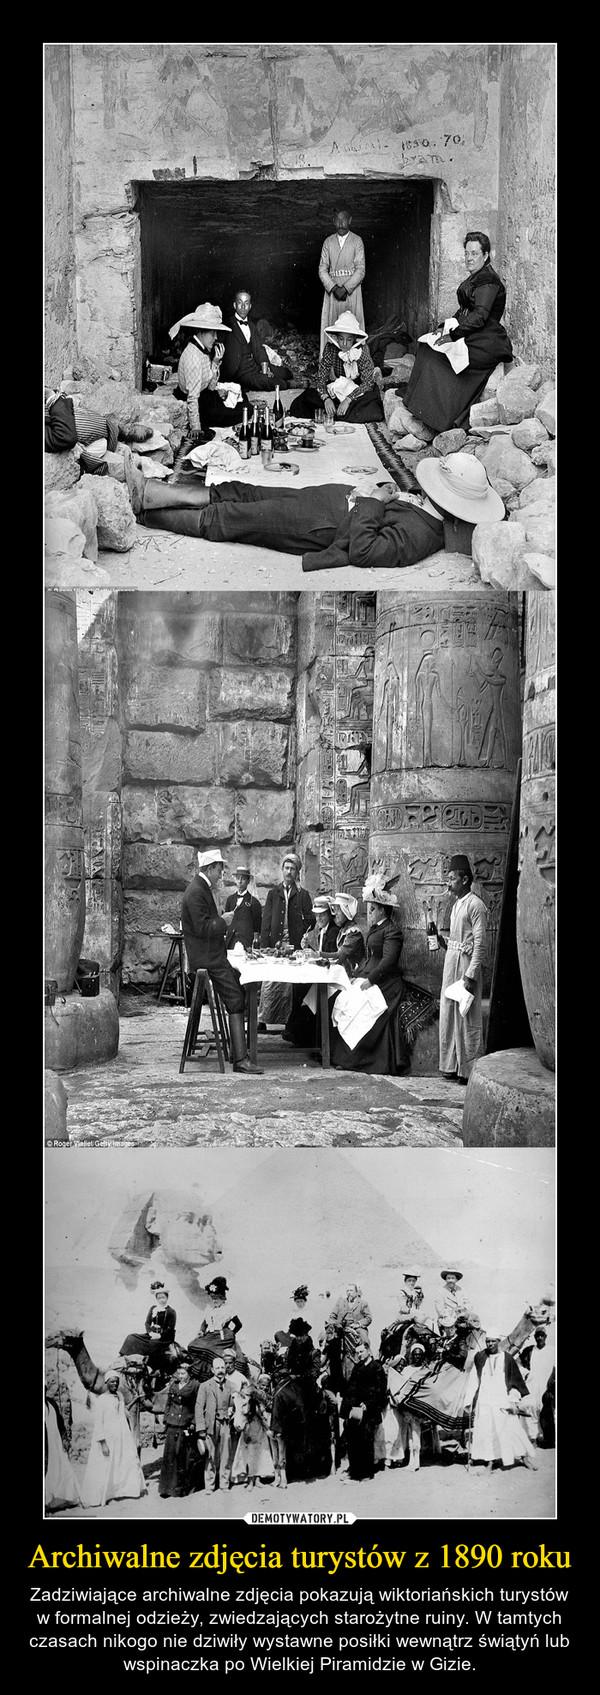 Archiwalne zdjęcia turystów z 1890 roku – Zadziwiające archiwalne zdjęcia pokazują wiktoriańskich turystów w formalnej odzieży, zwiedzających starożytne ruiny. W tamtych czasach nikogo nie dziwiły wystawne posiłki wewnątrz świątyń lub wspinaczka po Wielkiej Piramidzie w Gizie.